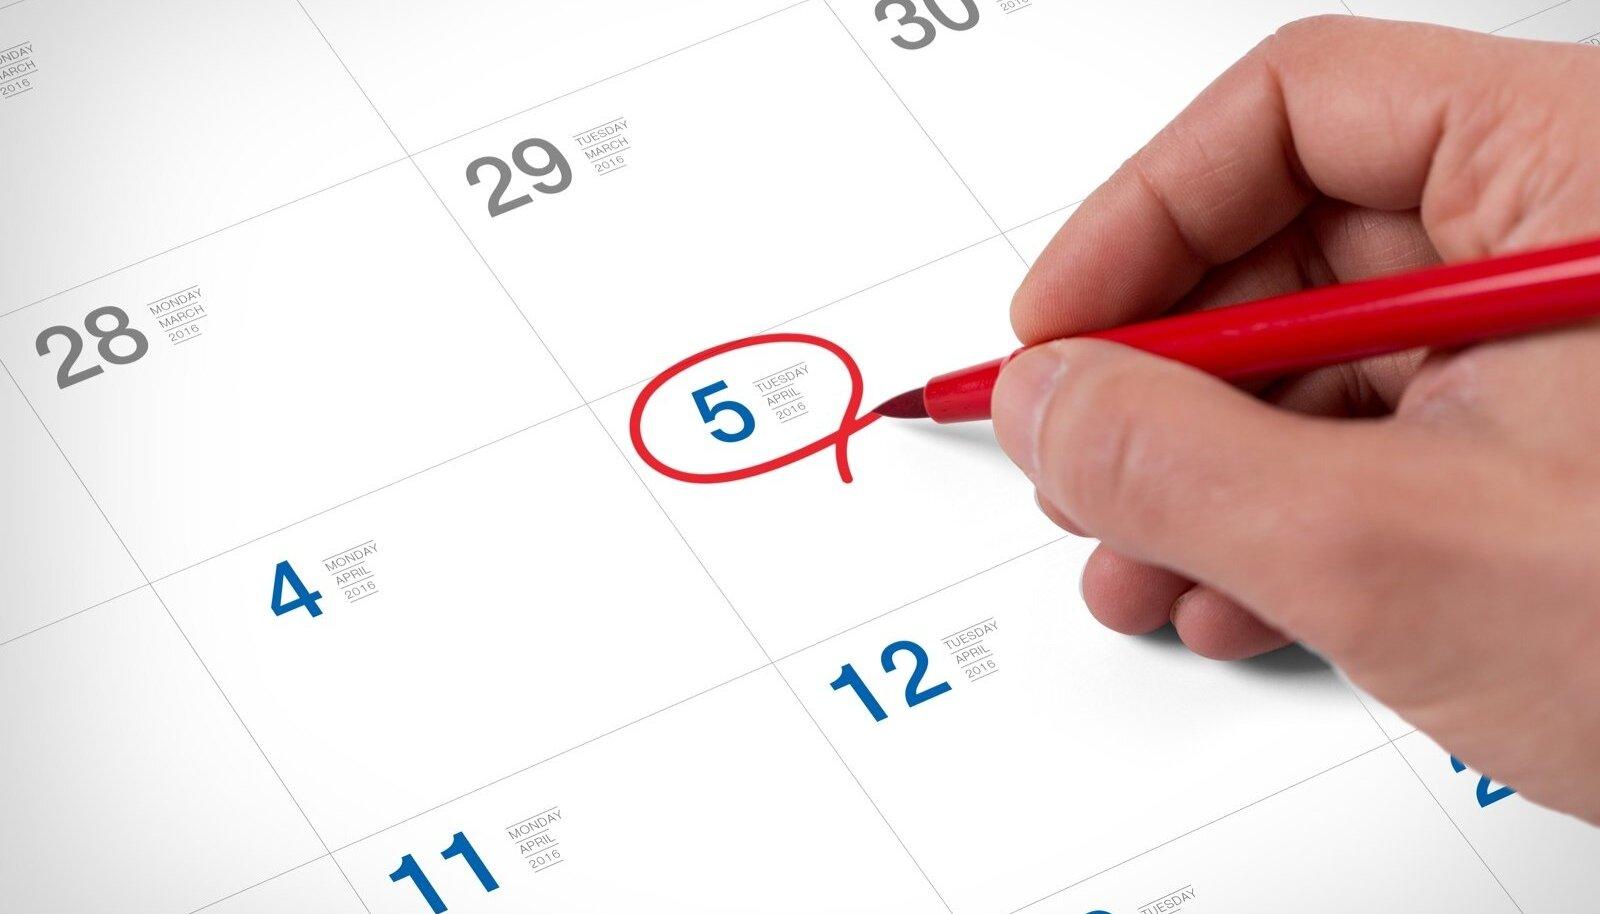 5. aprilli asemel tahtis tööandja töölepingu üles öelda 5. mail, vale kuupäev märgiti ülesütlemisteatesse kogemata. Ehkki lepingu lõpetamine oli seetõttu tühine, lõpetas kohus lepingu ikkagi 5. aprillil.